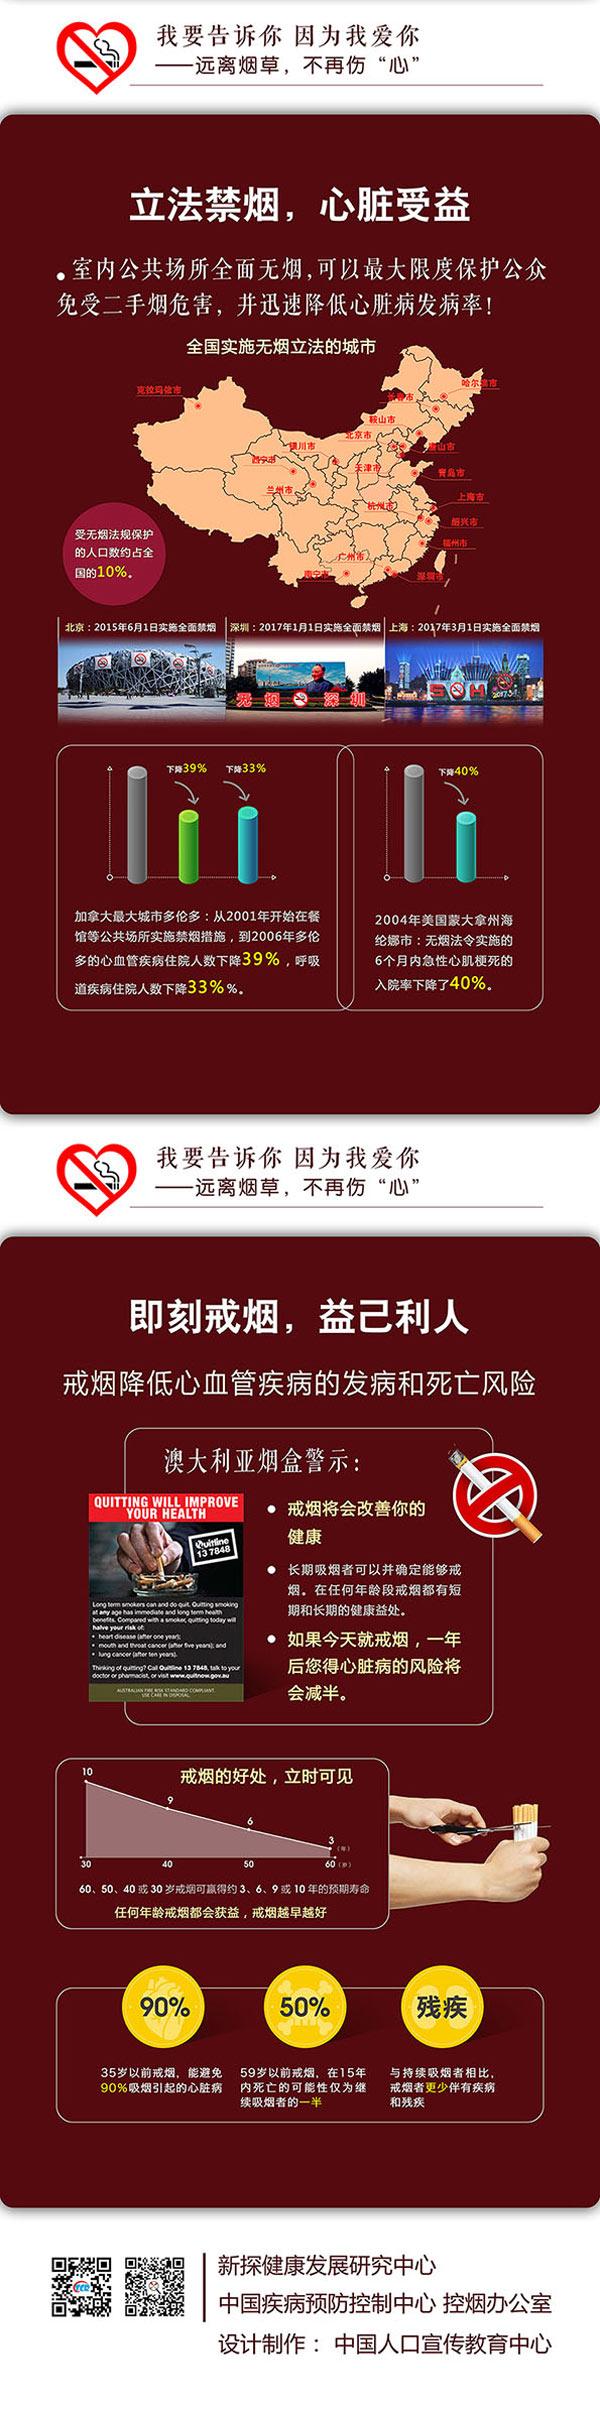 """5·31""""世界无烟日""""又双叒叕来袭!让我们一图弄清:吸烟如何搞坏心脏。"""